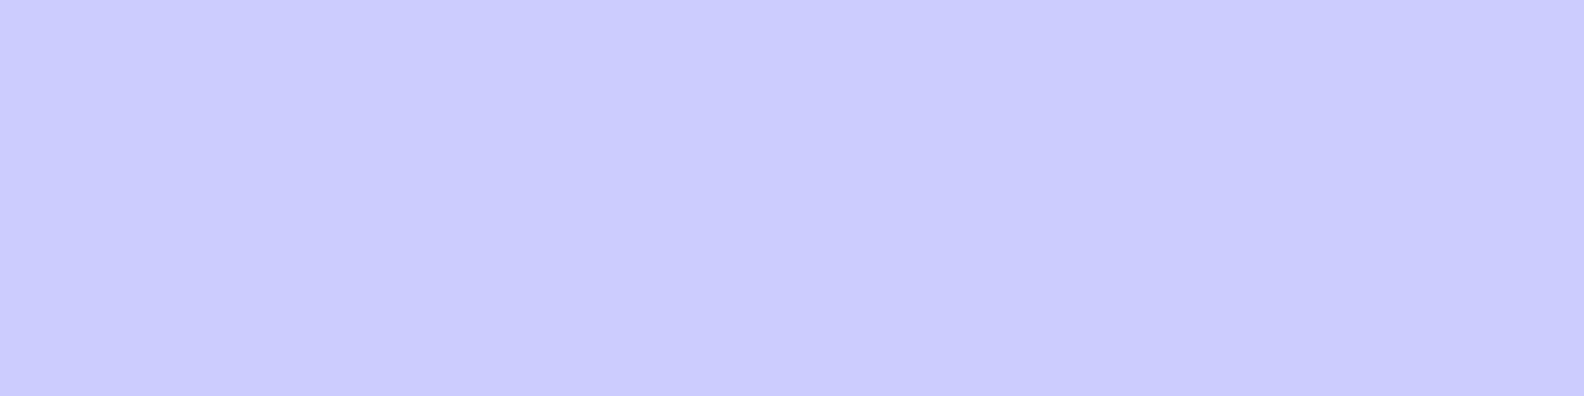 1584x396 Lavender Blue Solid Color Background